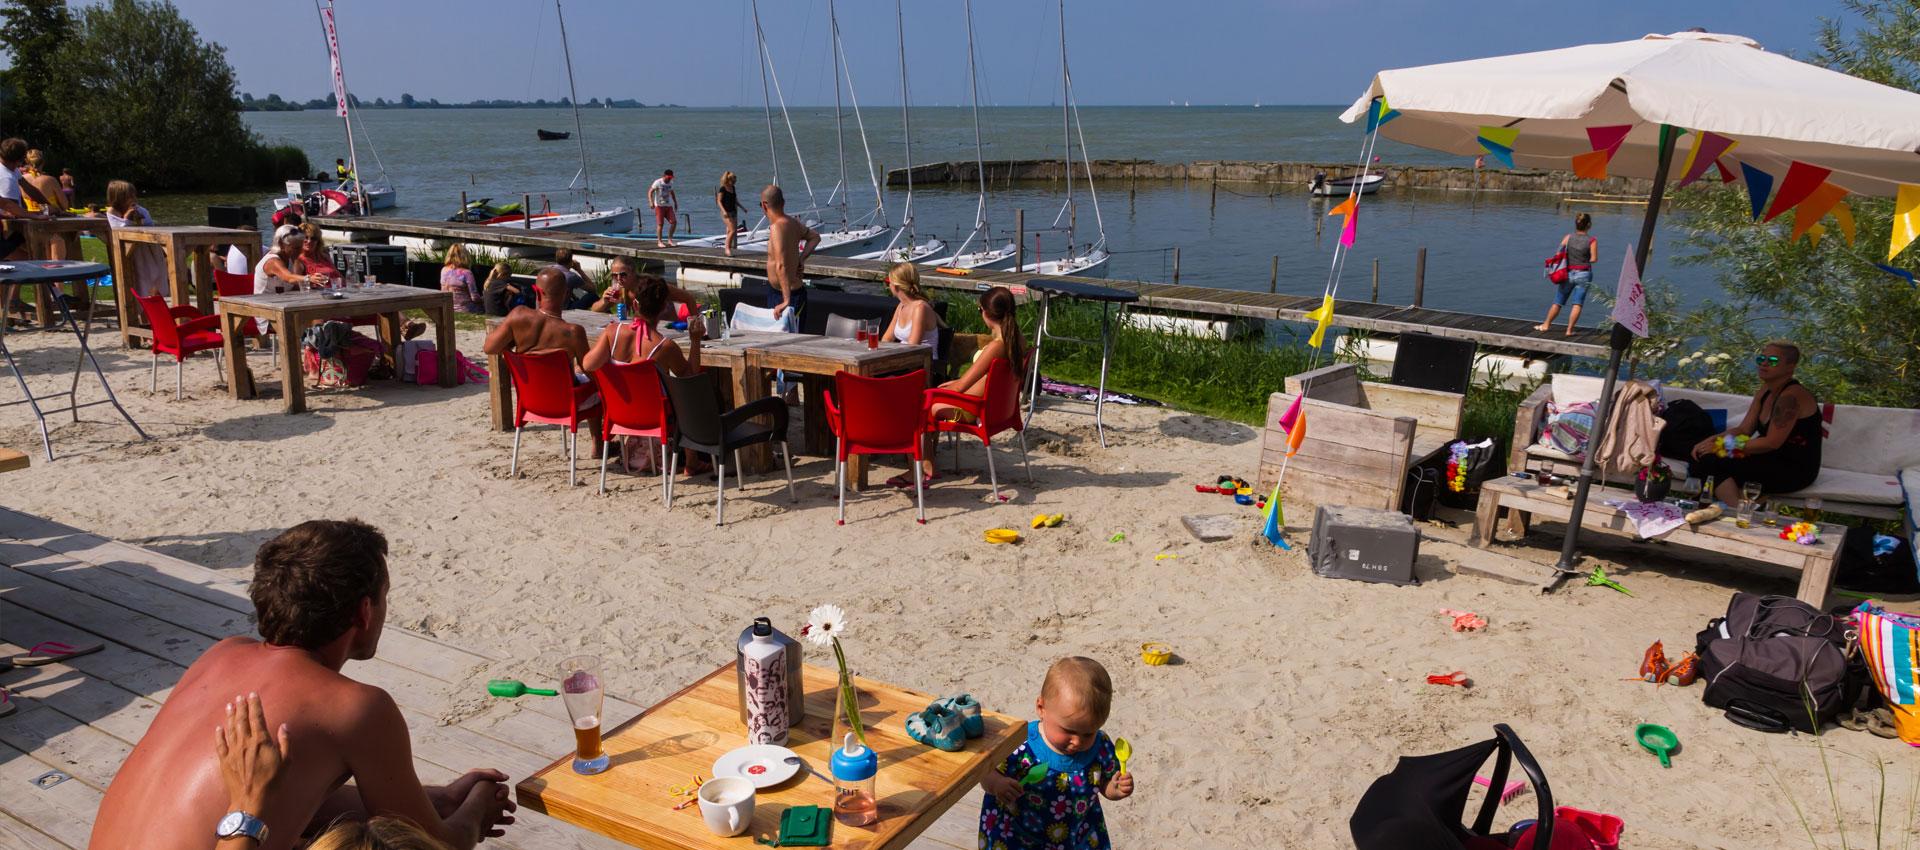 strandpaviljoen-enkhuizen4